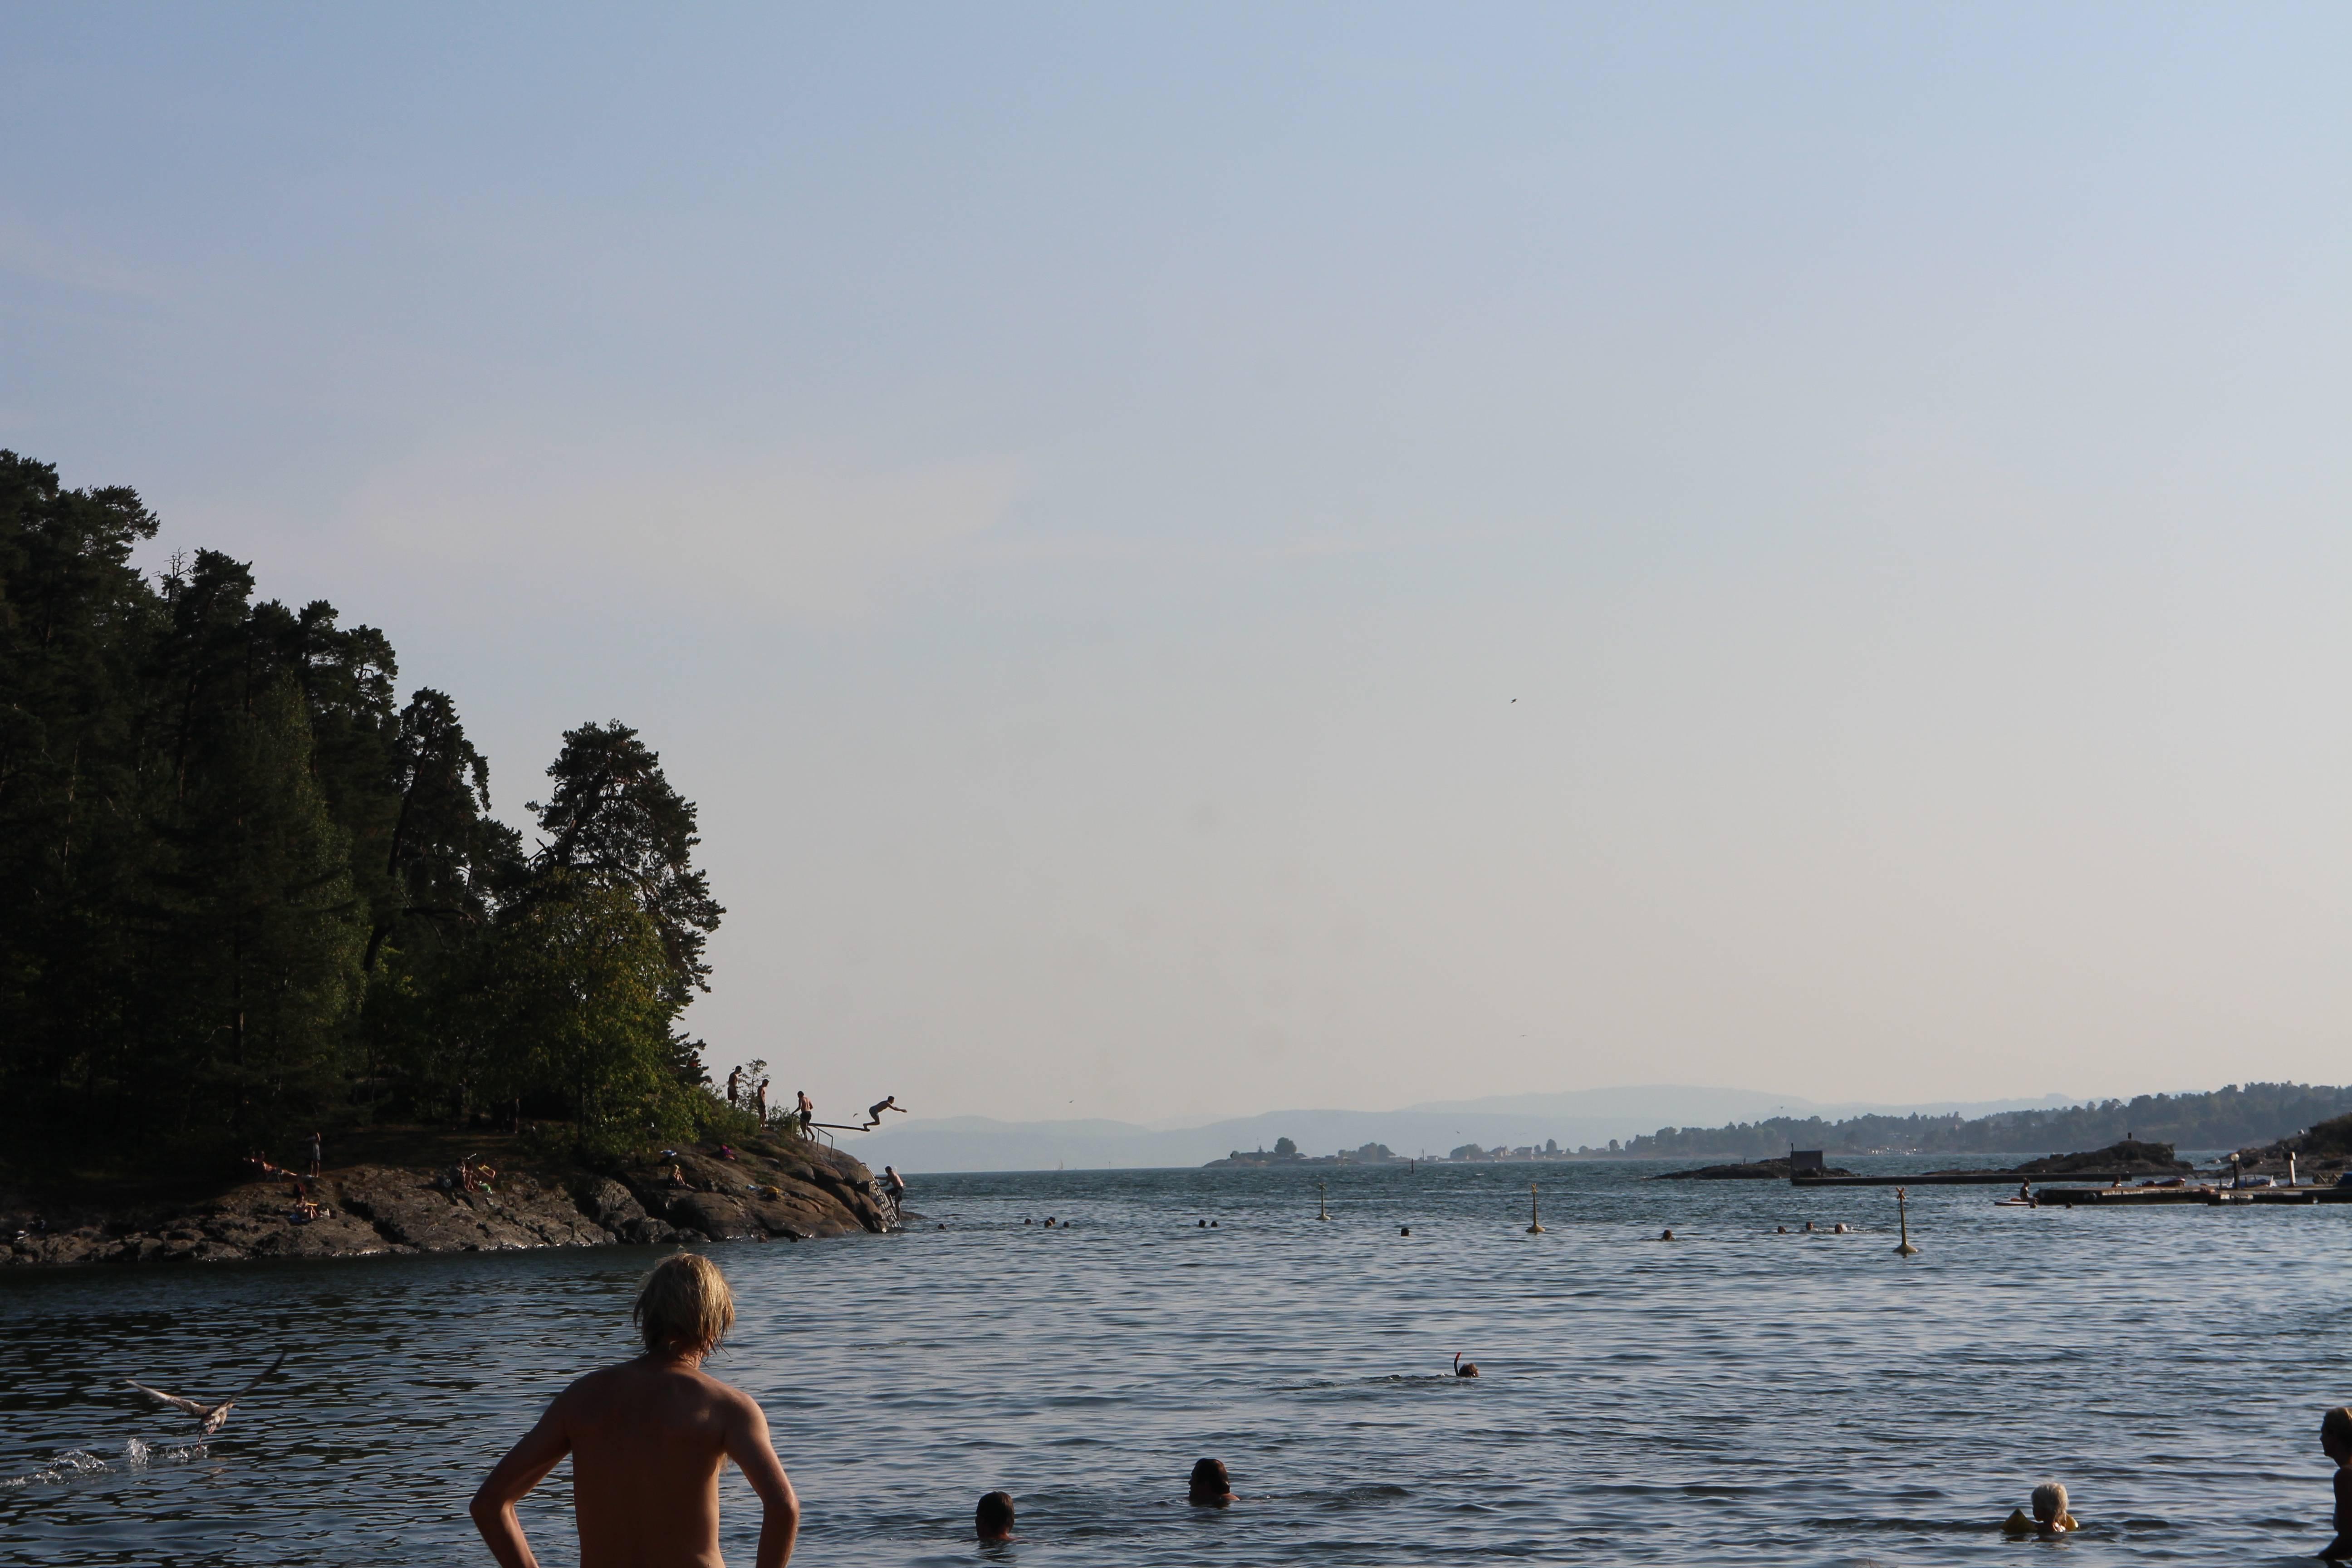 Photo 2: La plage de Bygdoy, la presqu'ile d'Oslo